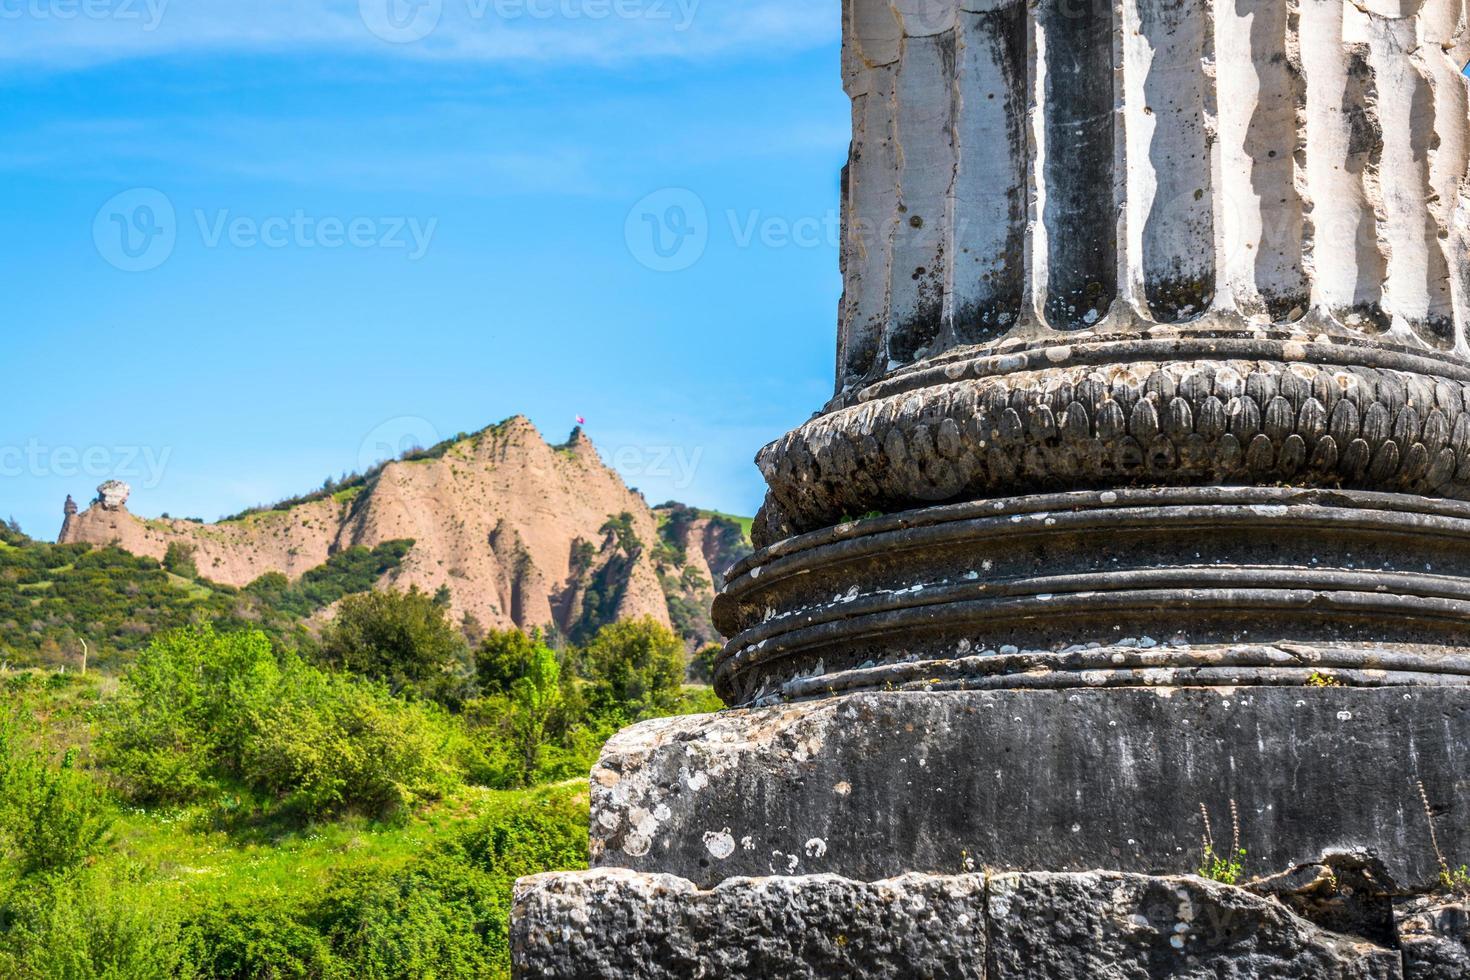 alter historischer tourismusort sardes artemis foto